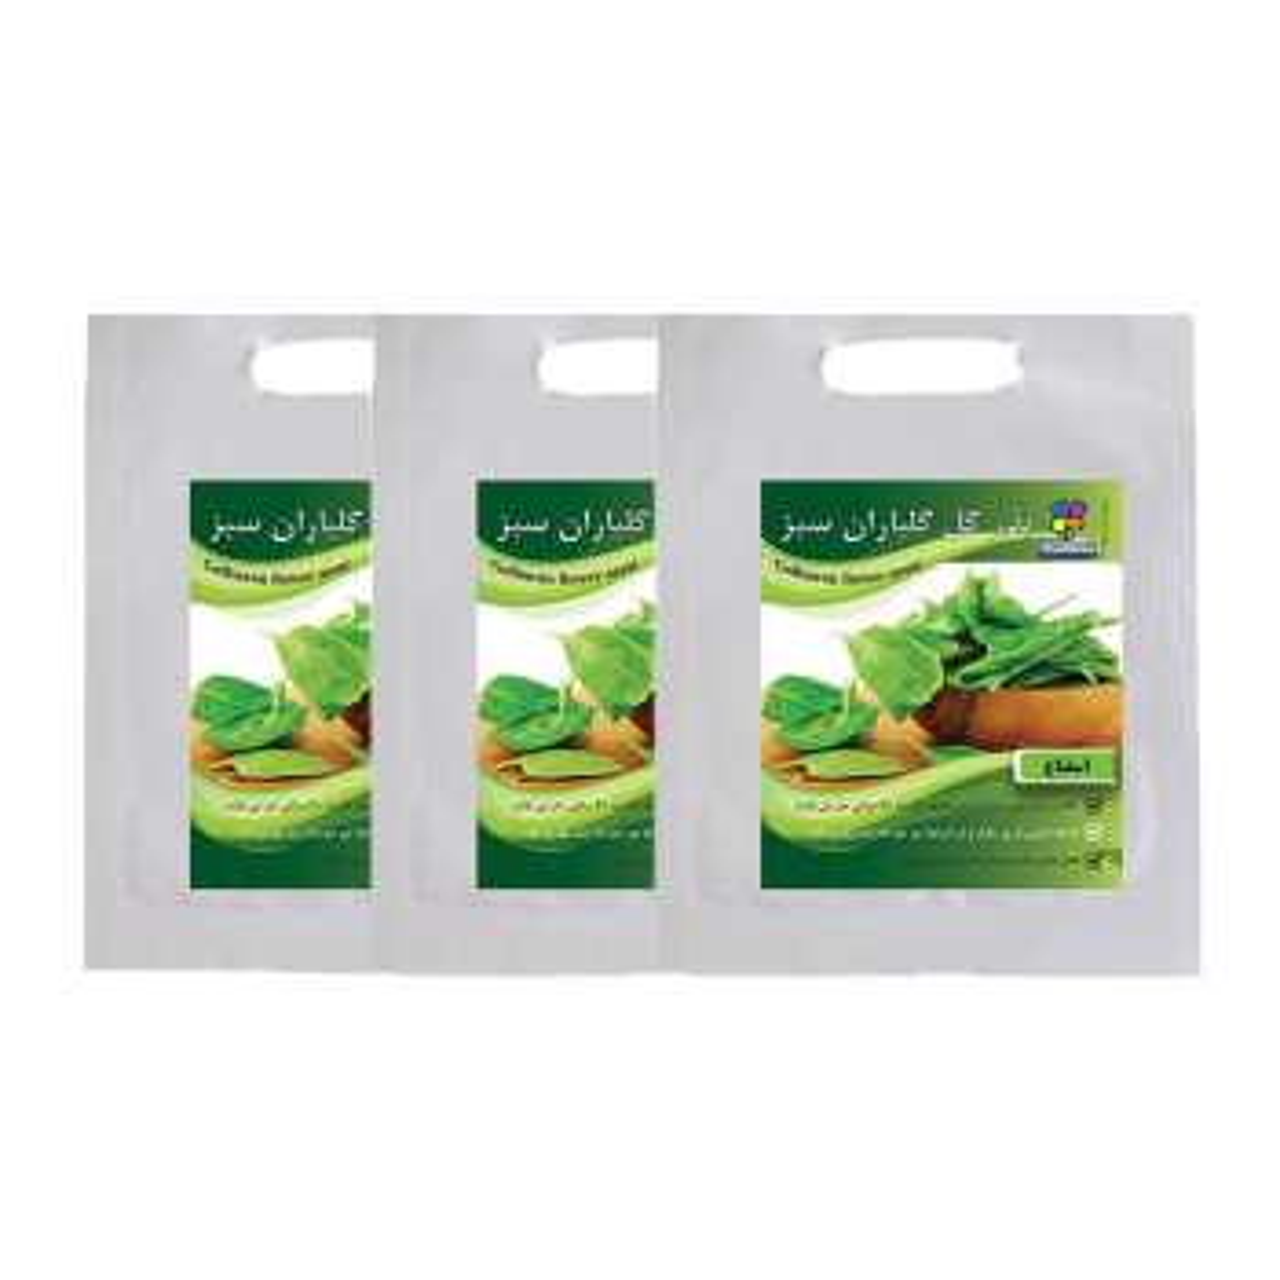 مجموعه بذر اسفناج گلباران سبز بسته 3 عددی